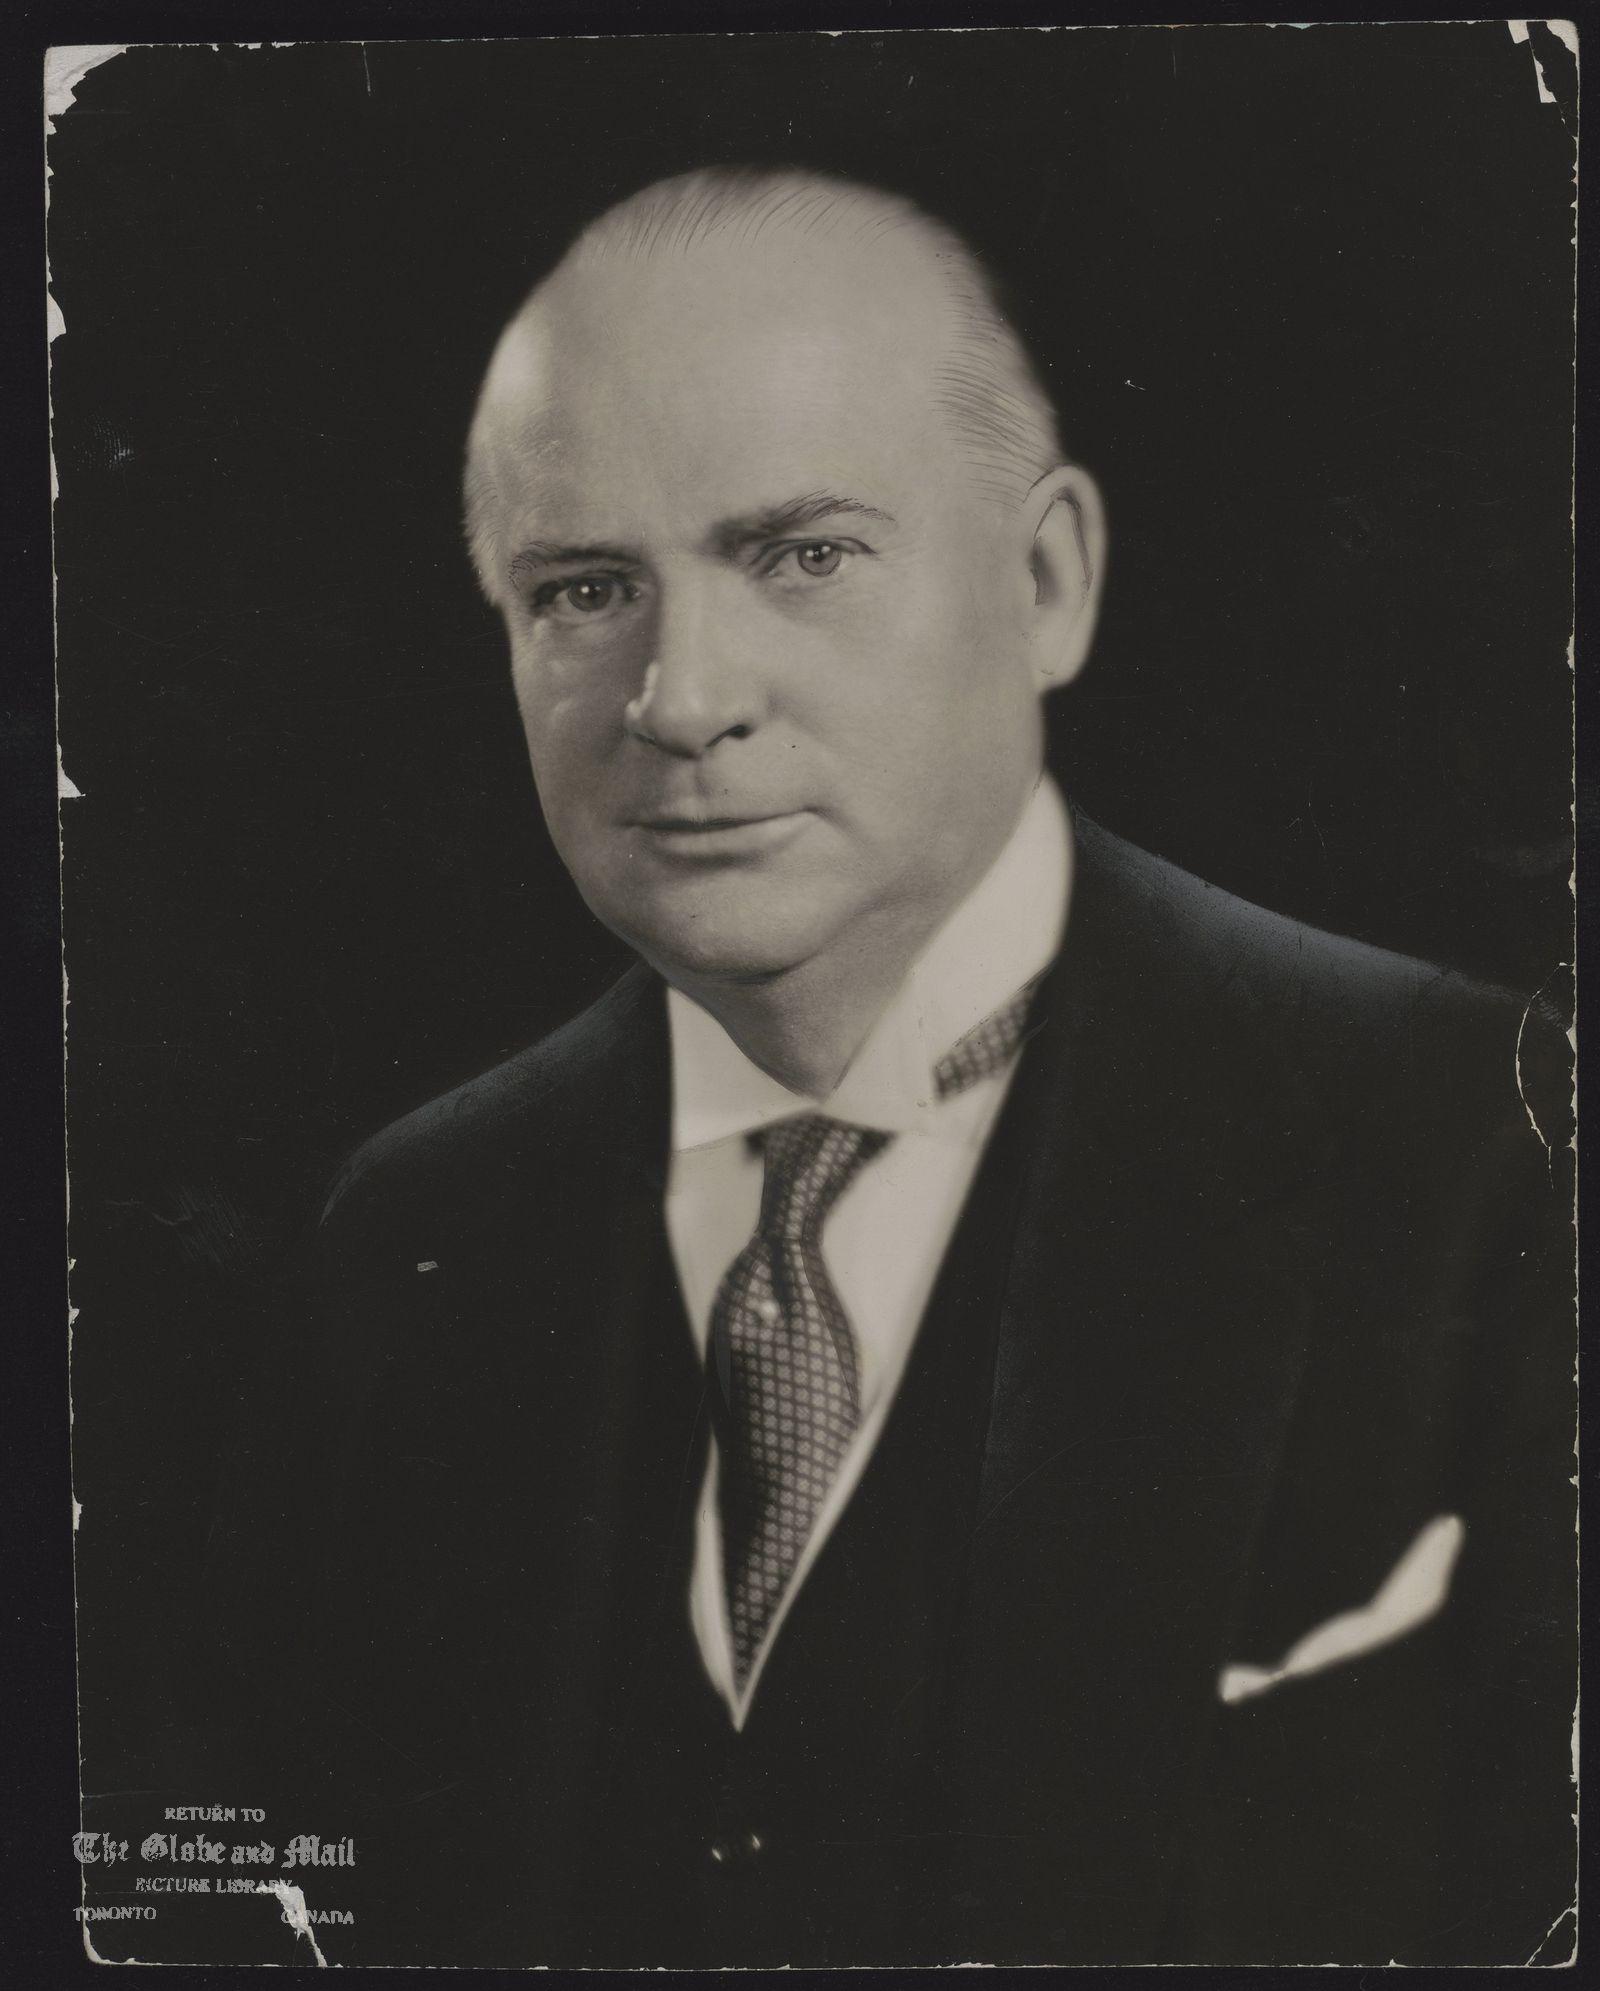 R.B. BENNETT